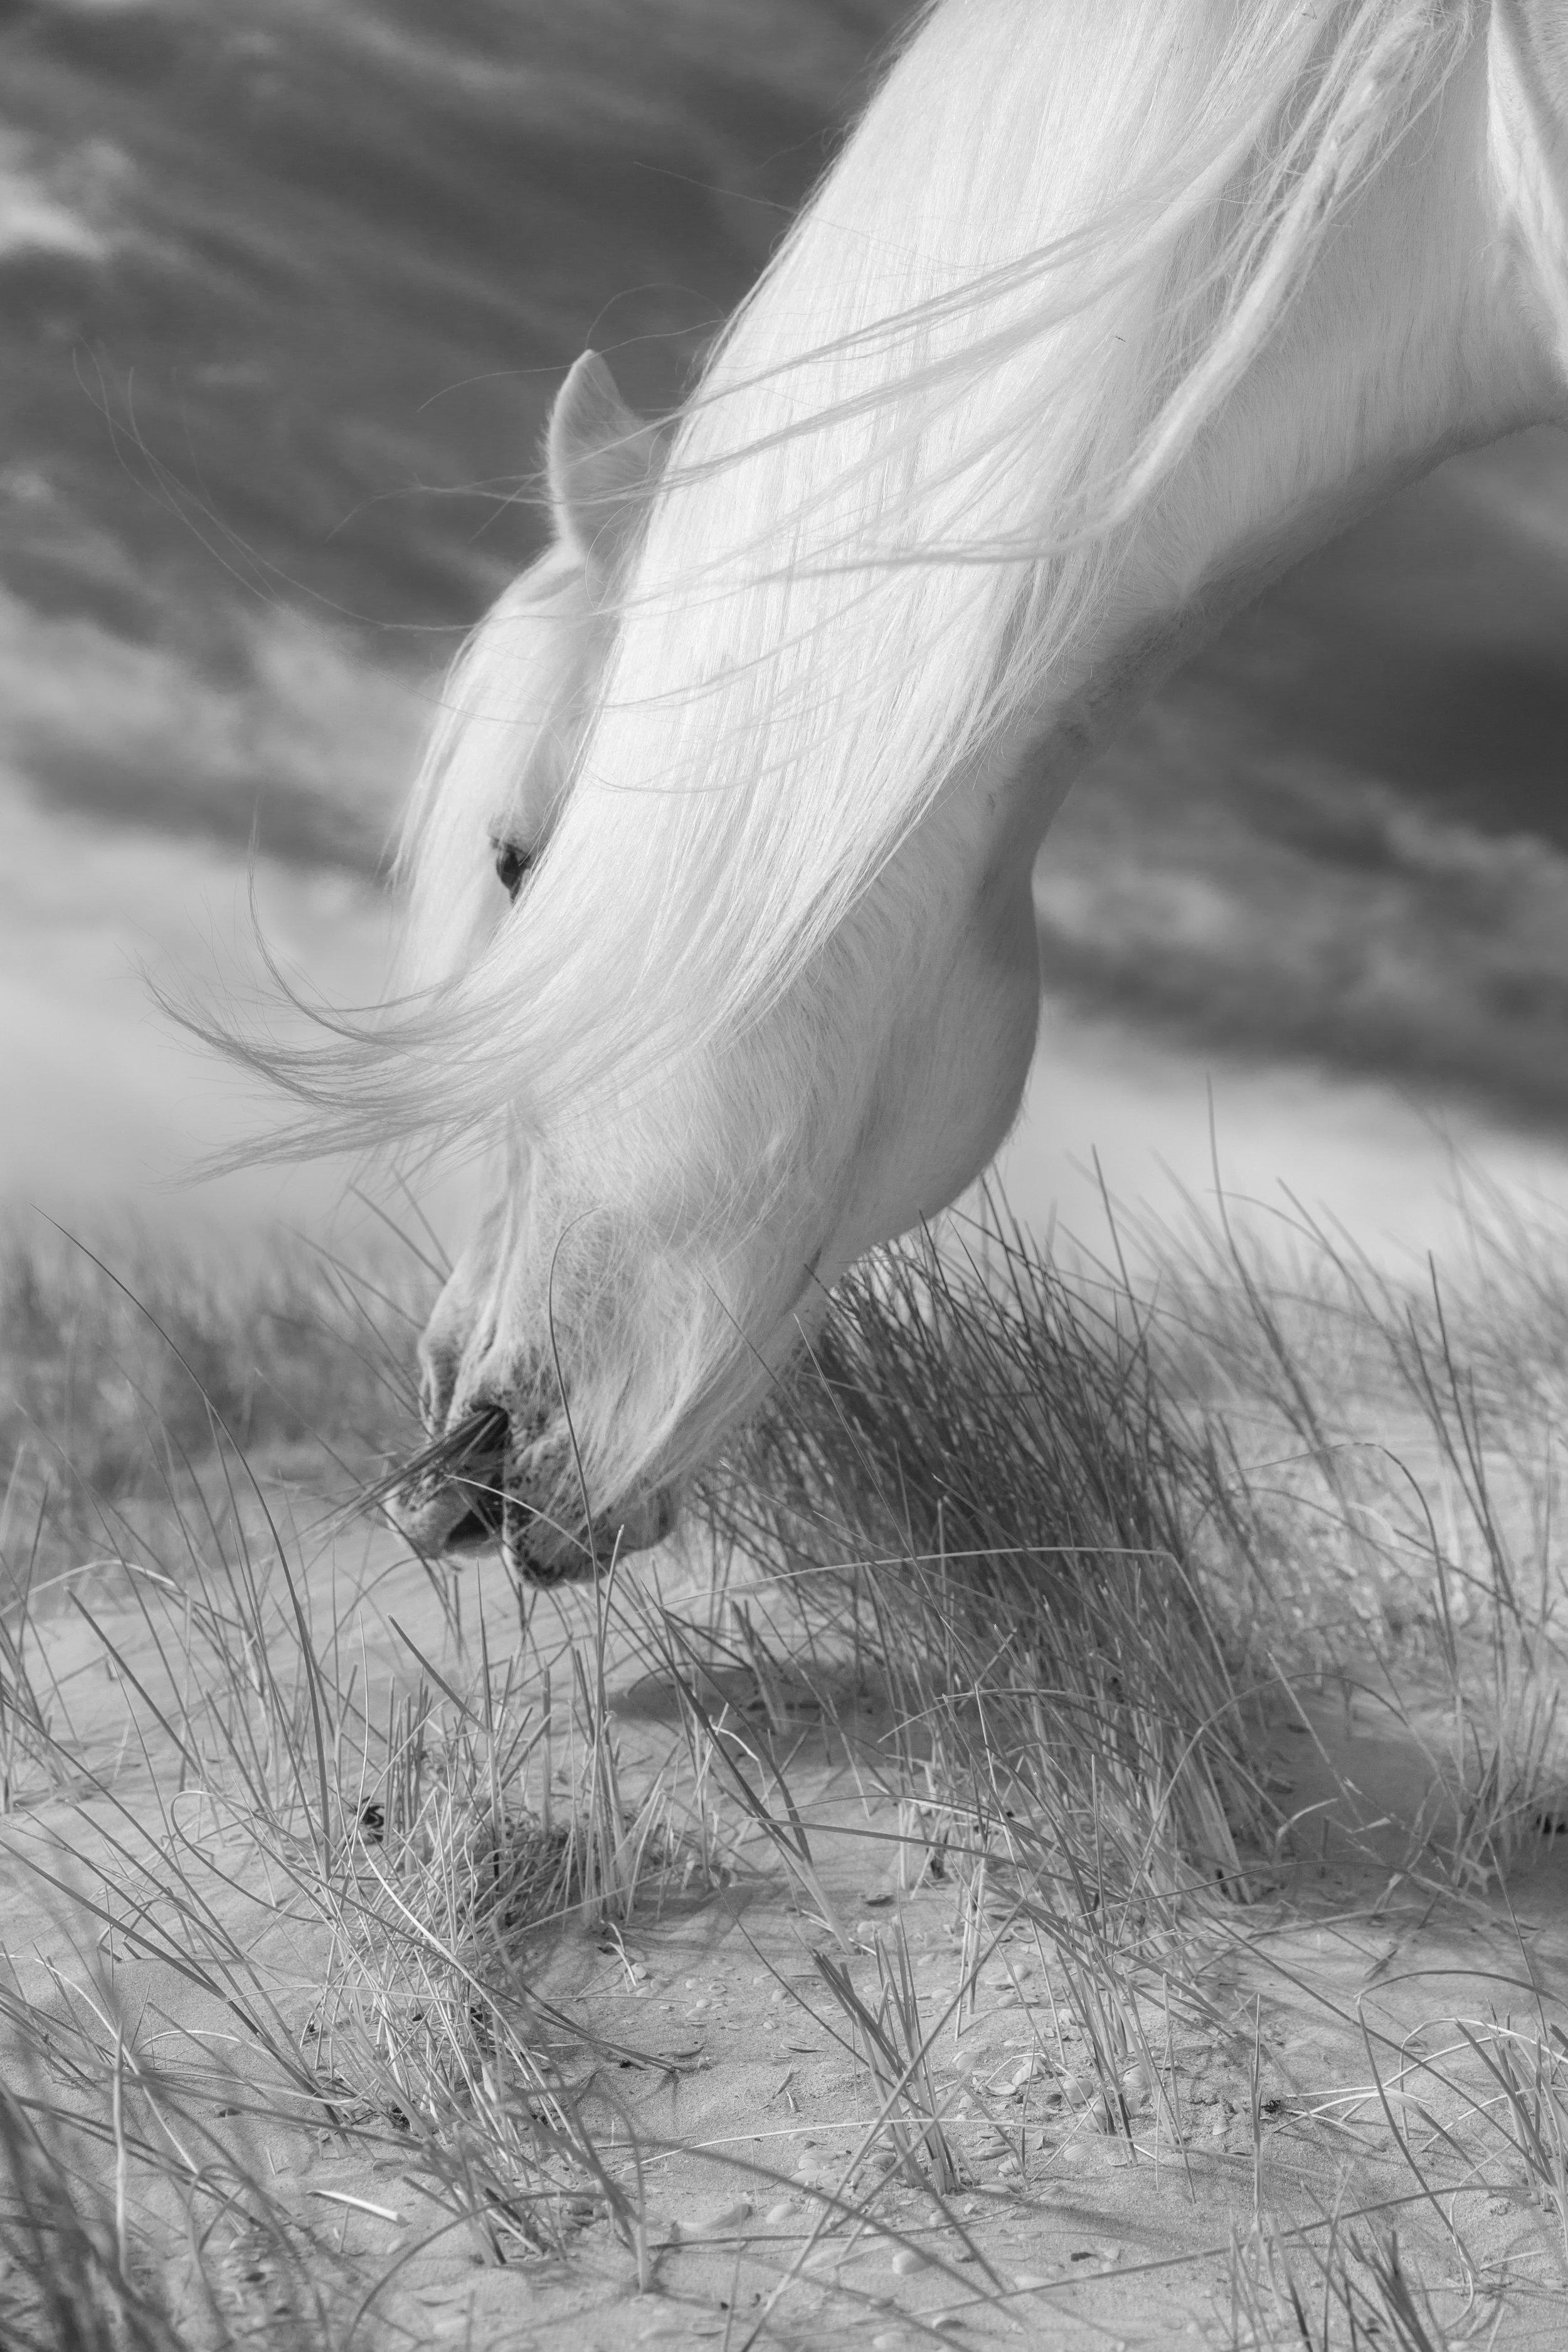 Luskentyre Pony by Andy Clark